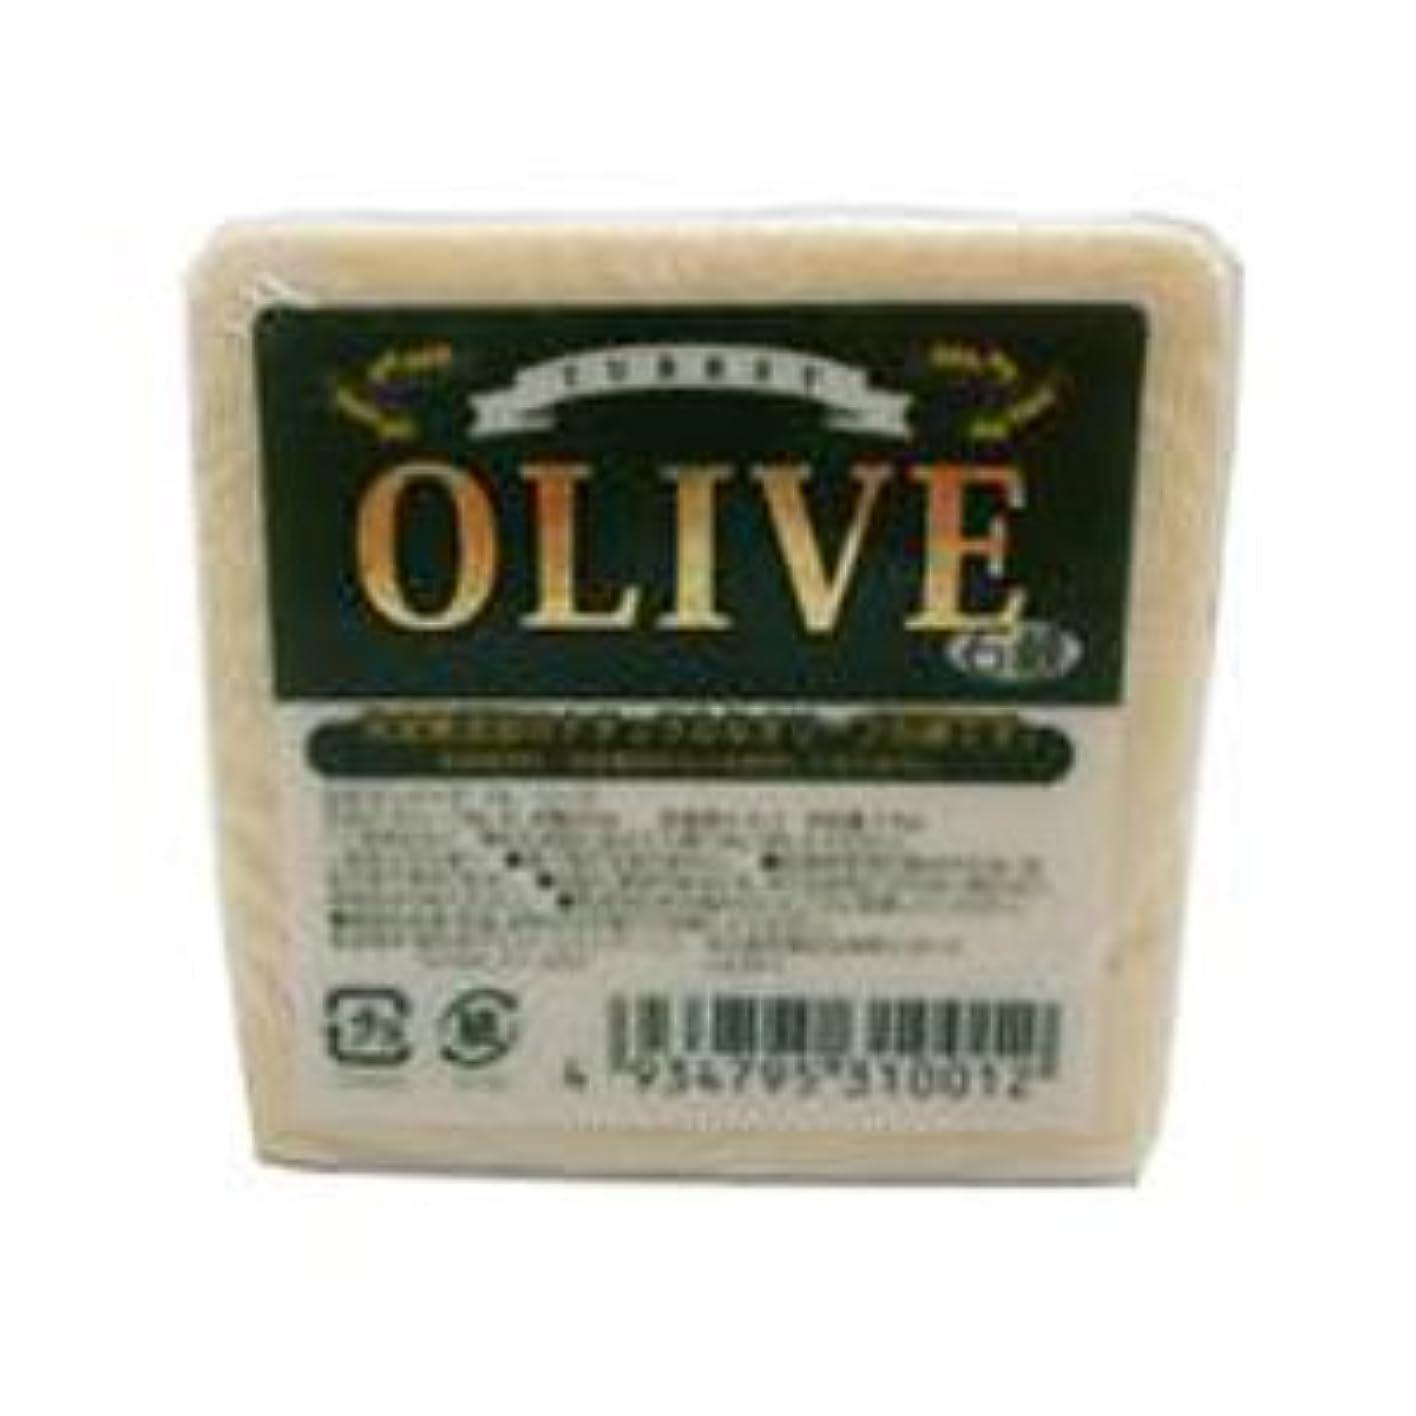 アヒル整然とした上がるお得な5個セット トルコ産オリーブを使用した無添加石鹸 ターキーオリーブ石鹸 135g